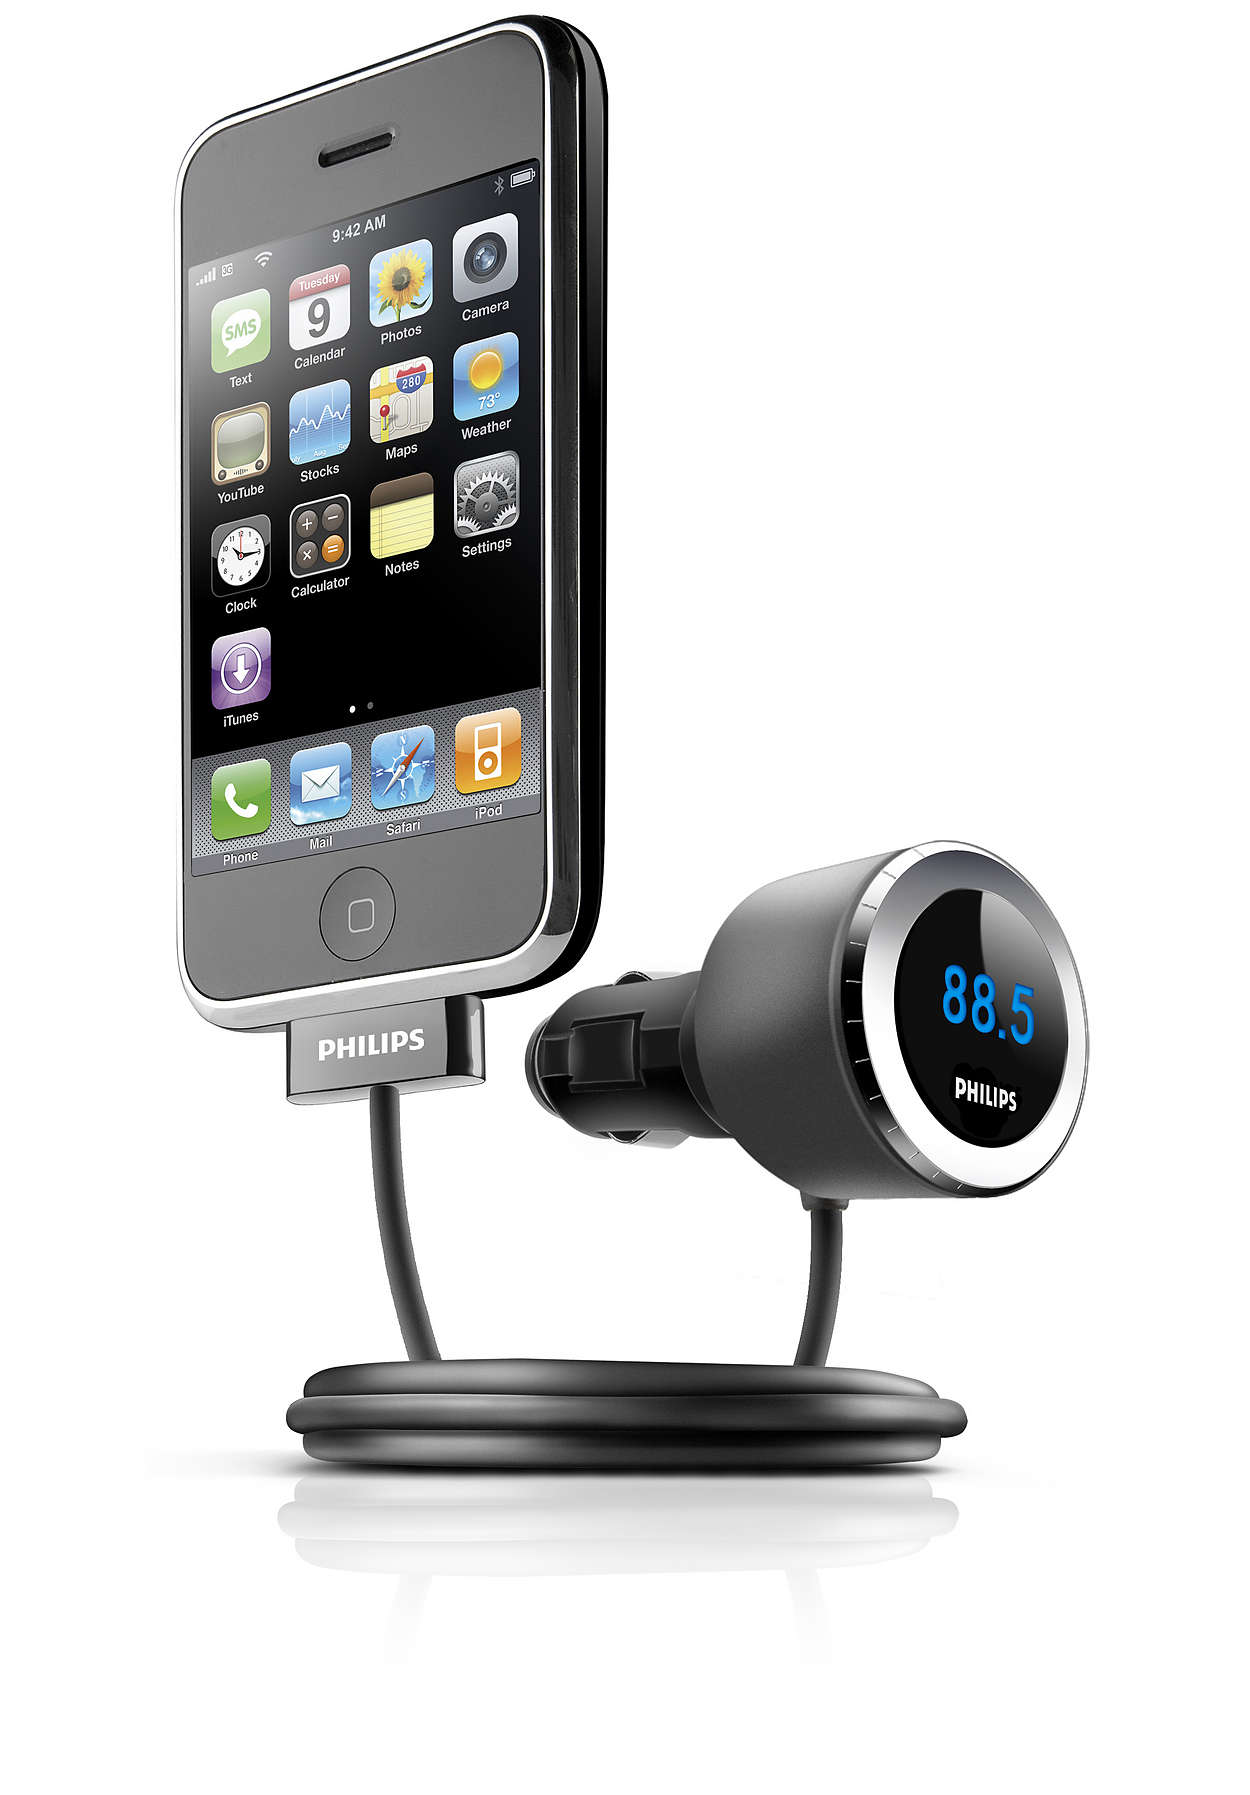 Afspil og oplad din iPhone i bilen